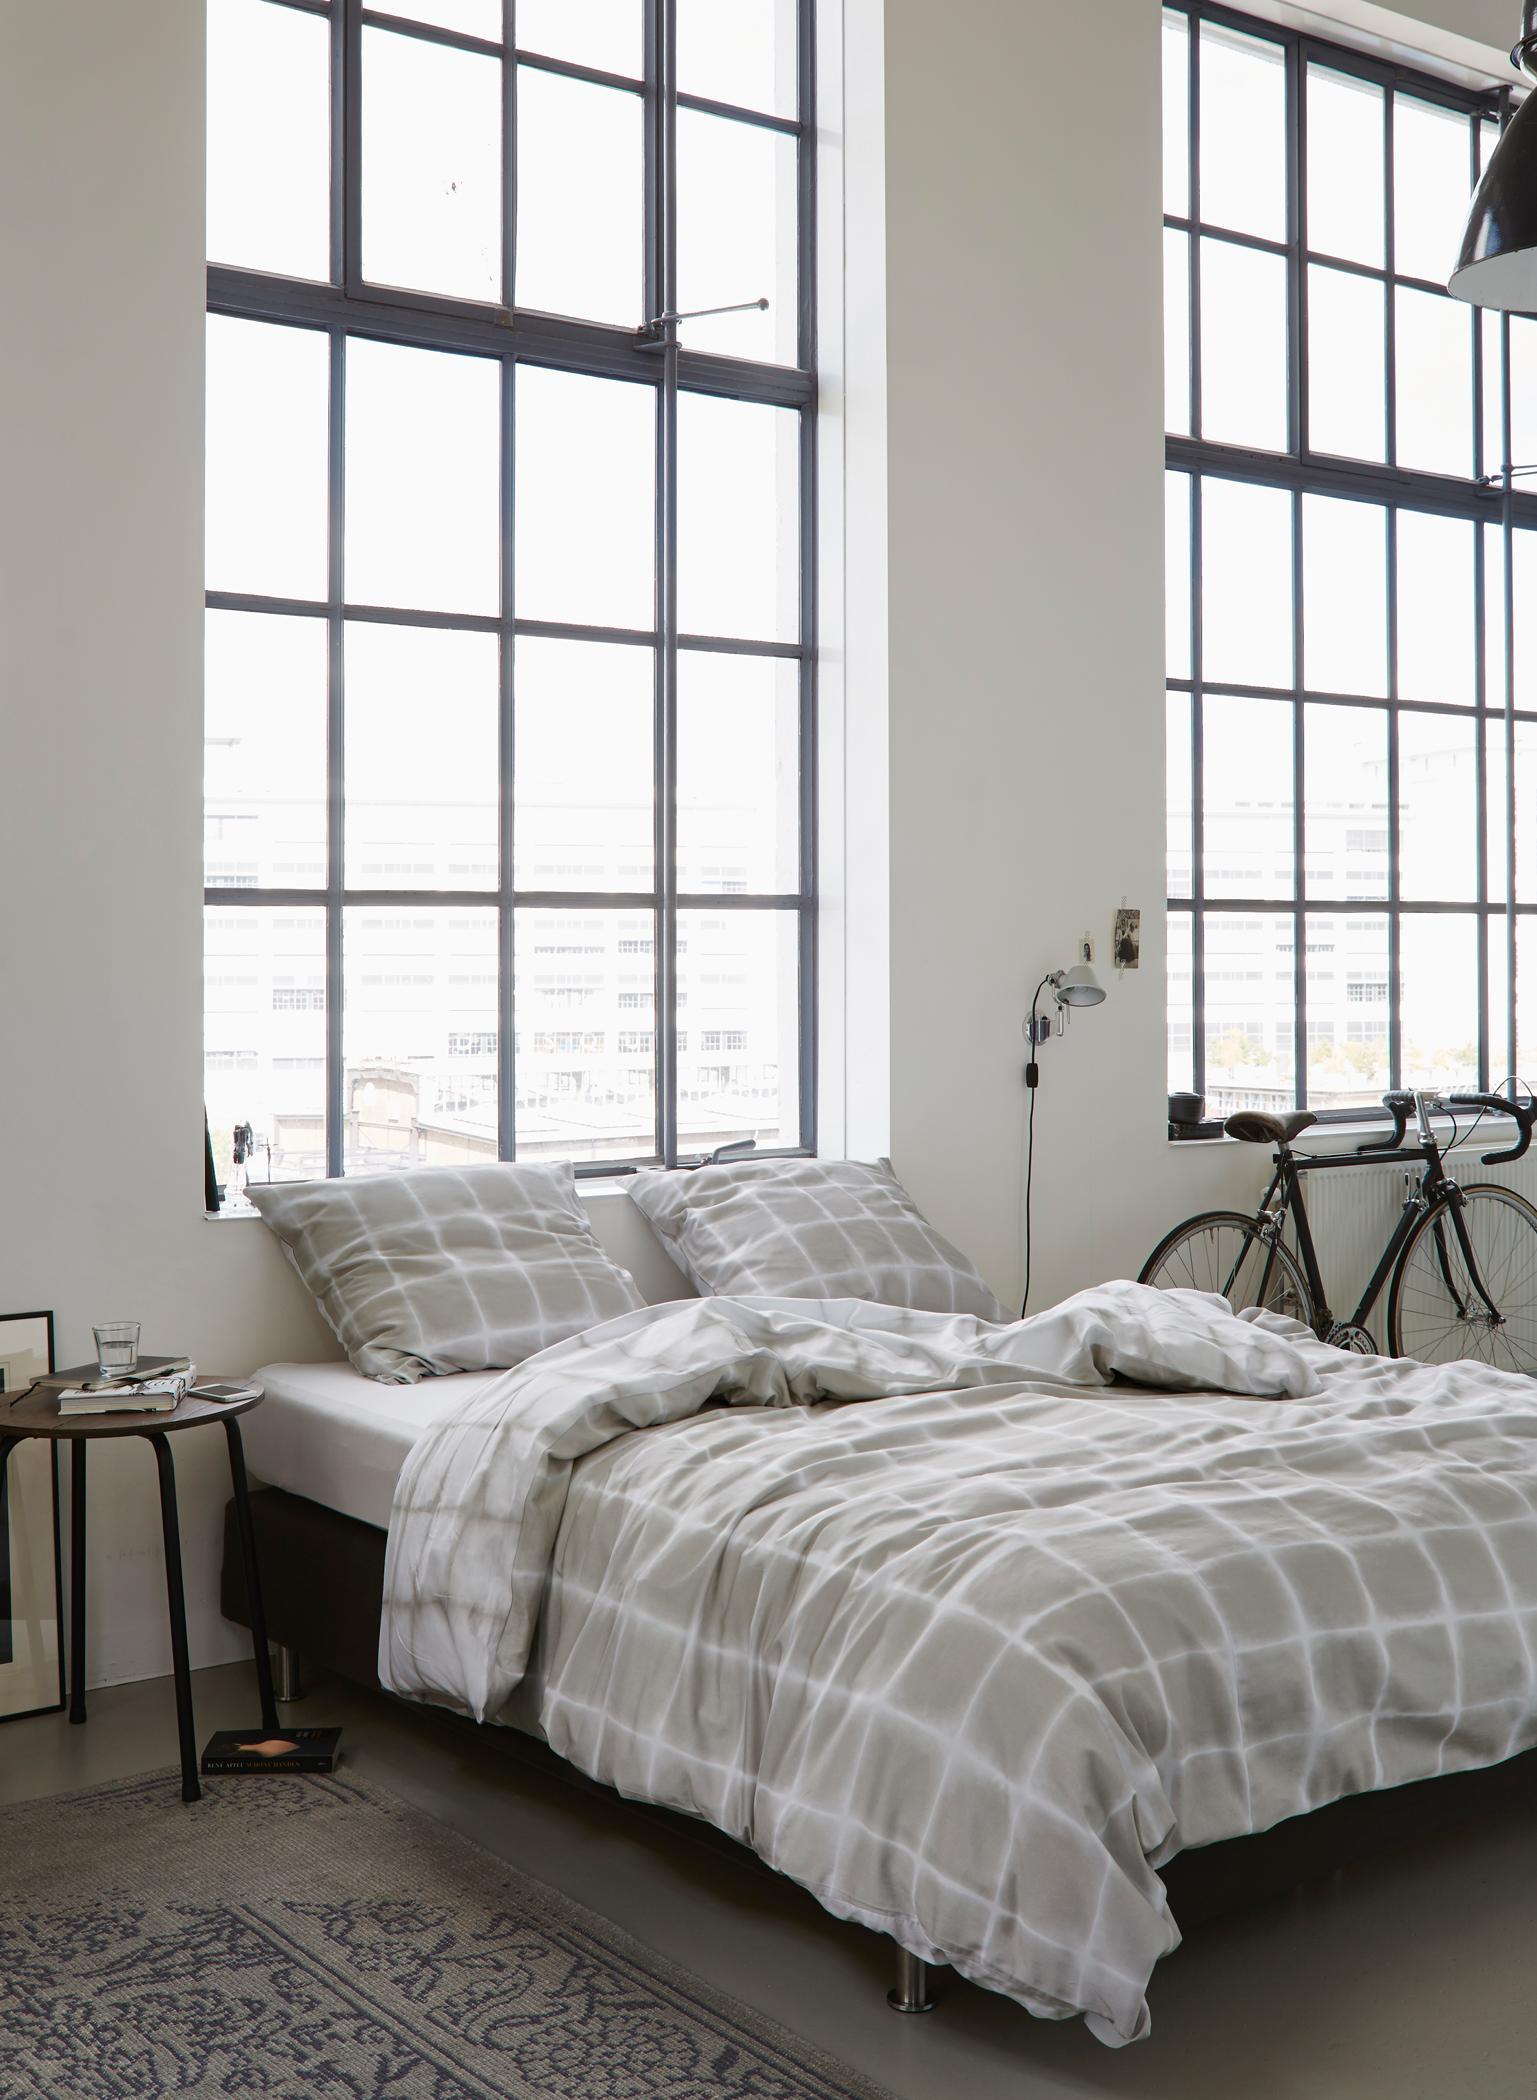 Schlafzimmer Gestalten Ruhige Einrichtungsideen